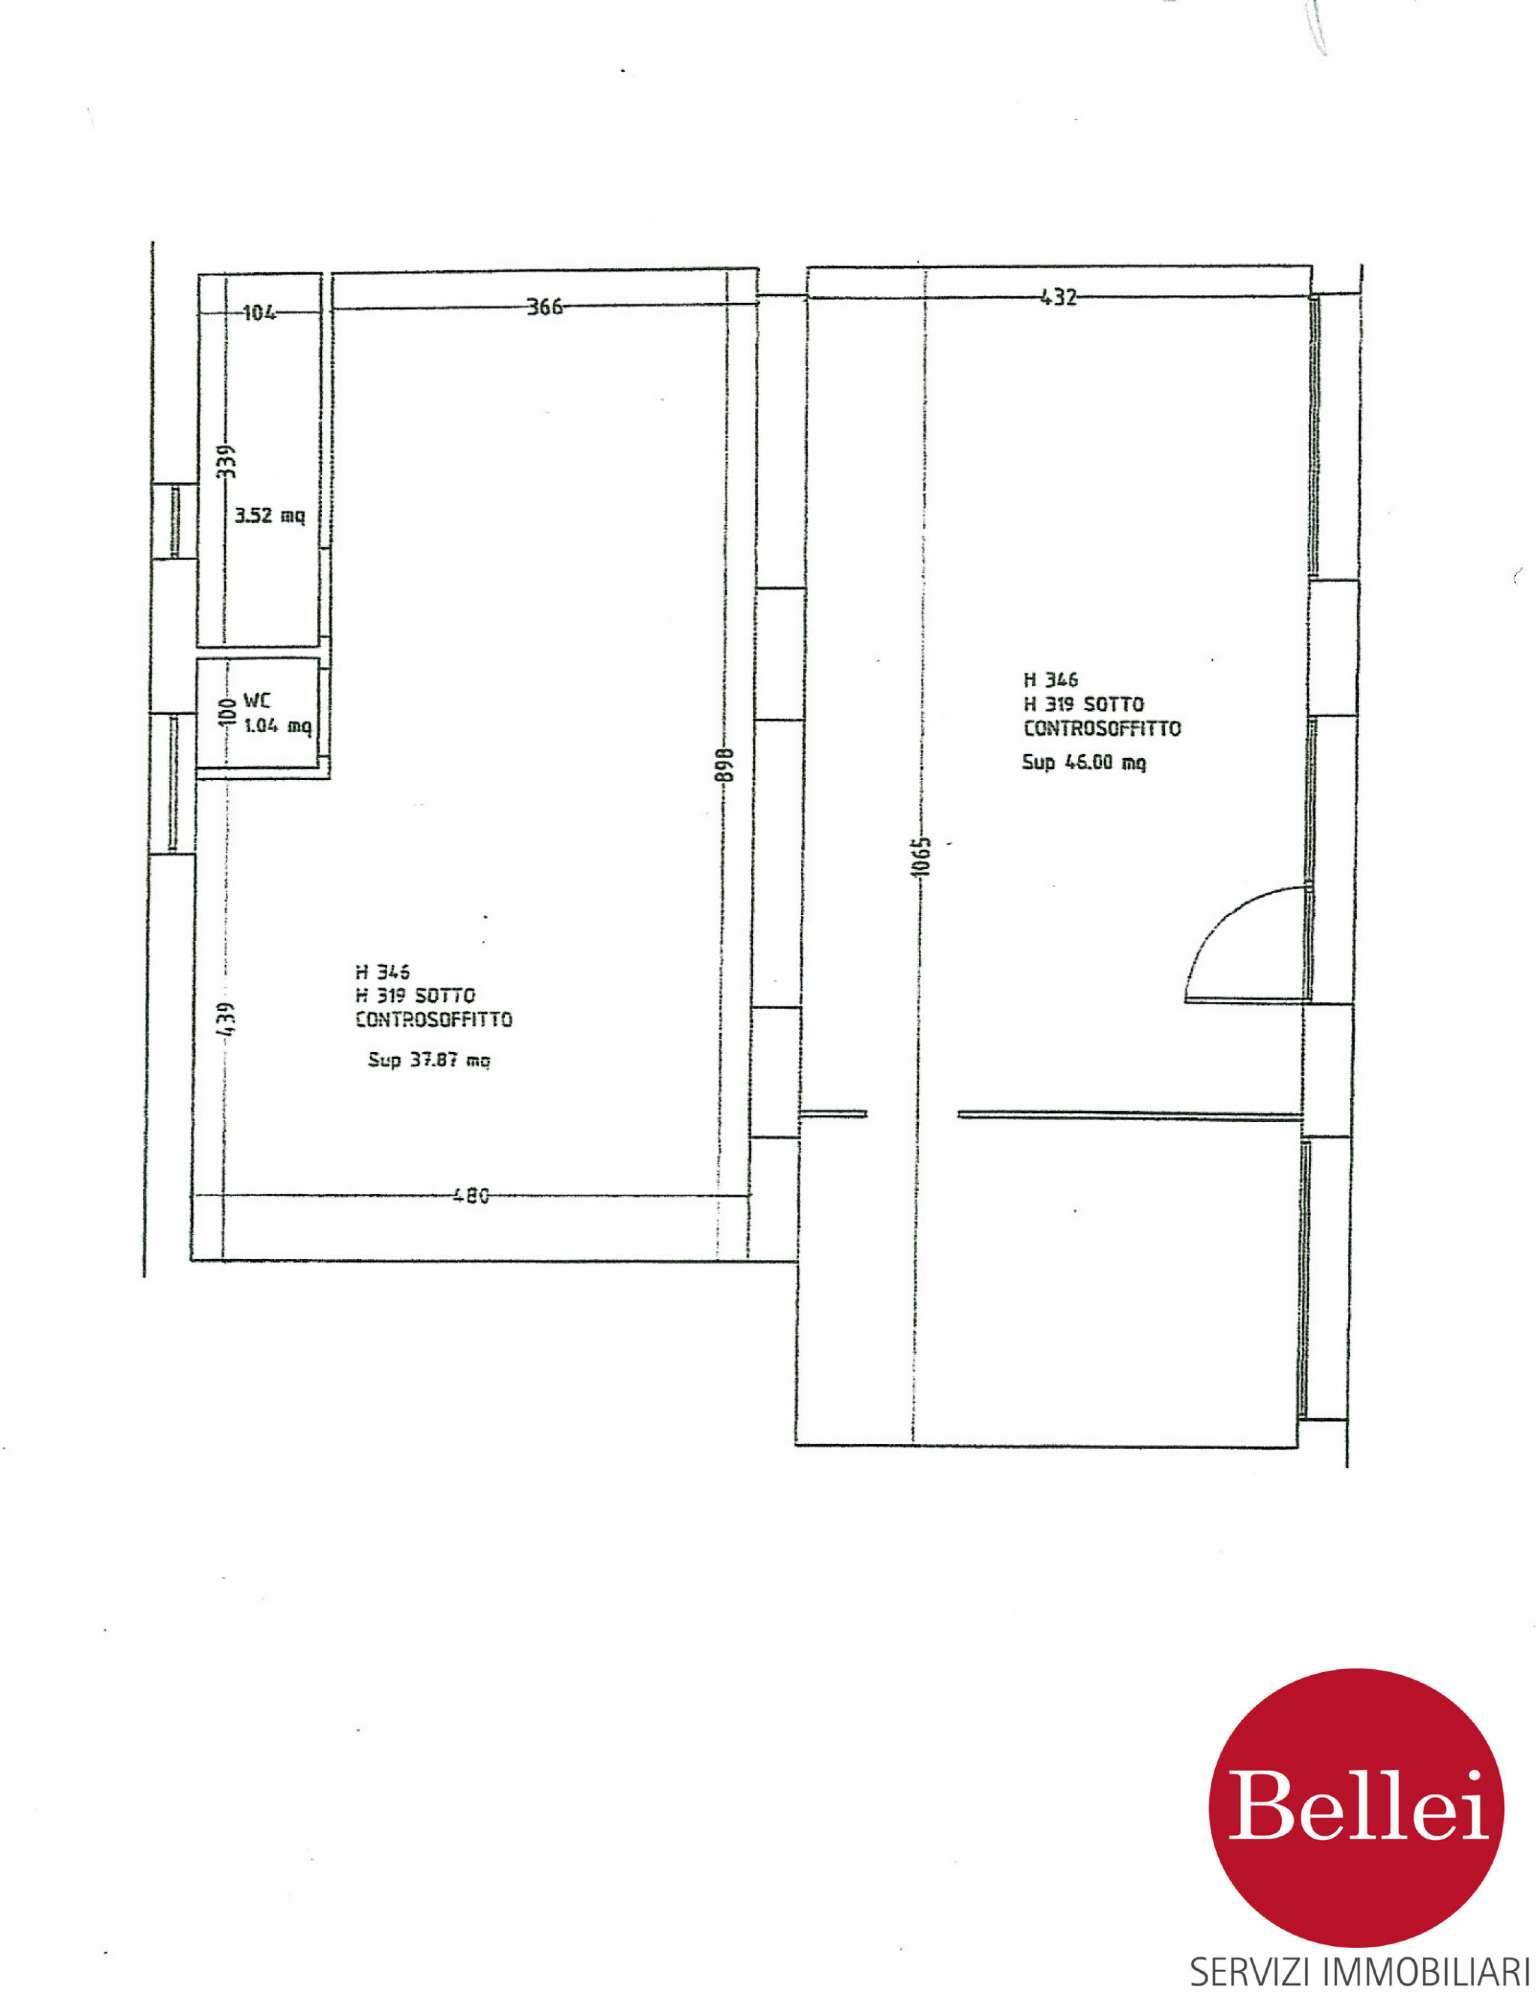 Negozio - ufficio di 108 mq con 3 vetrine in zona di forte passaggio al centro Rif. 4881399